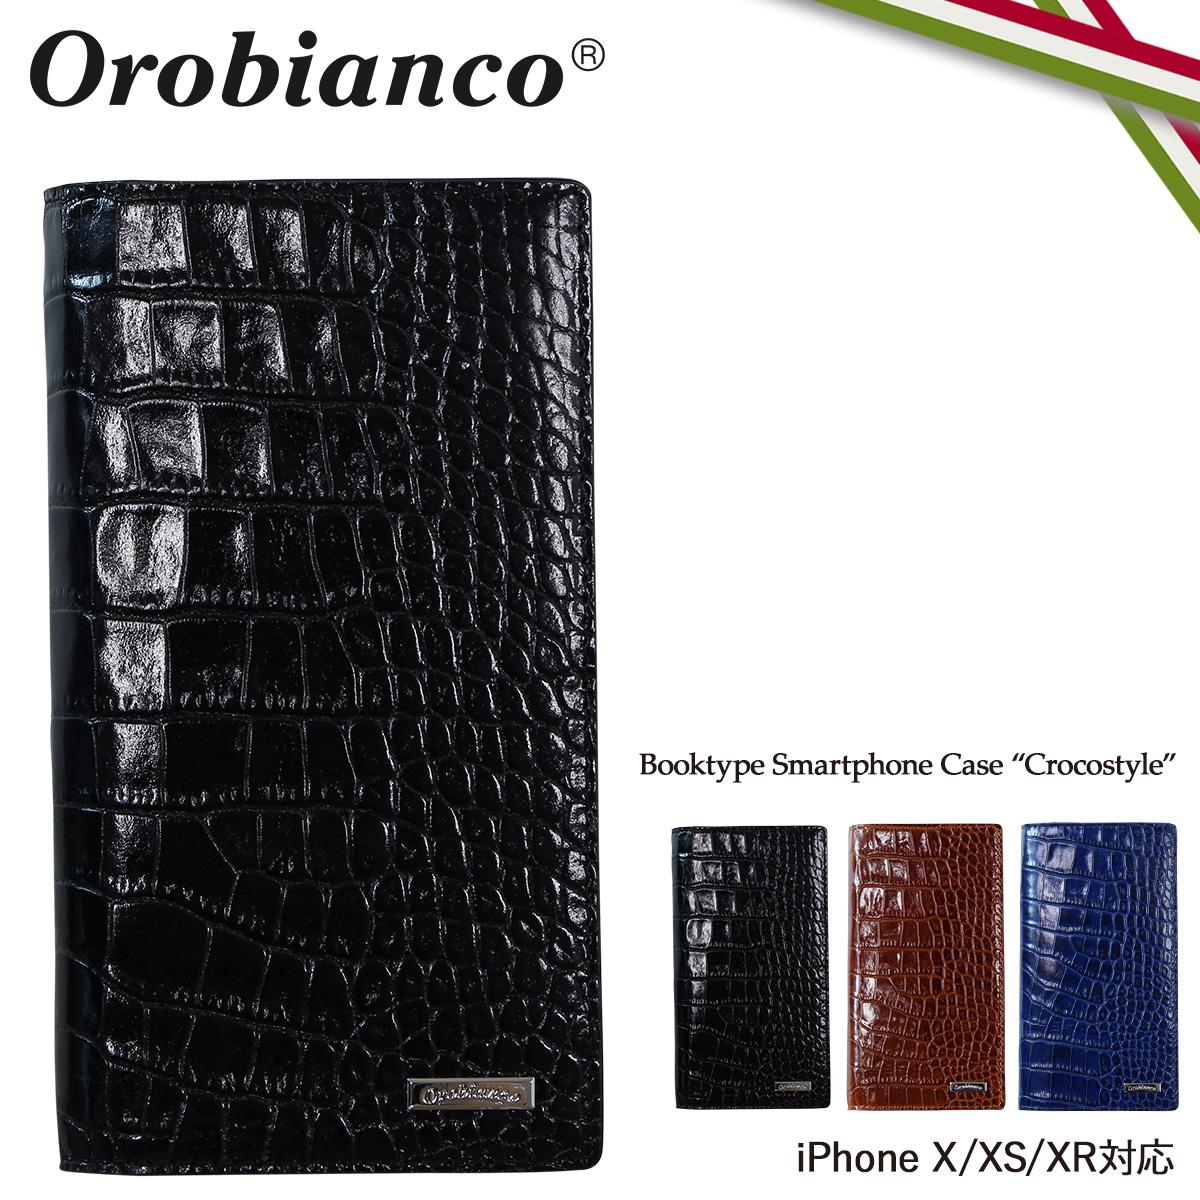 Orobianco オロビアンコ iPhone XR X XS ケース 手帳型 スマホ アイフォン CROCOSTYLE レザー メンズ レディース ORIP-0004